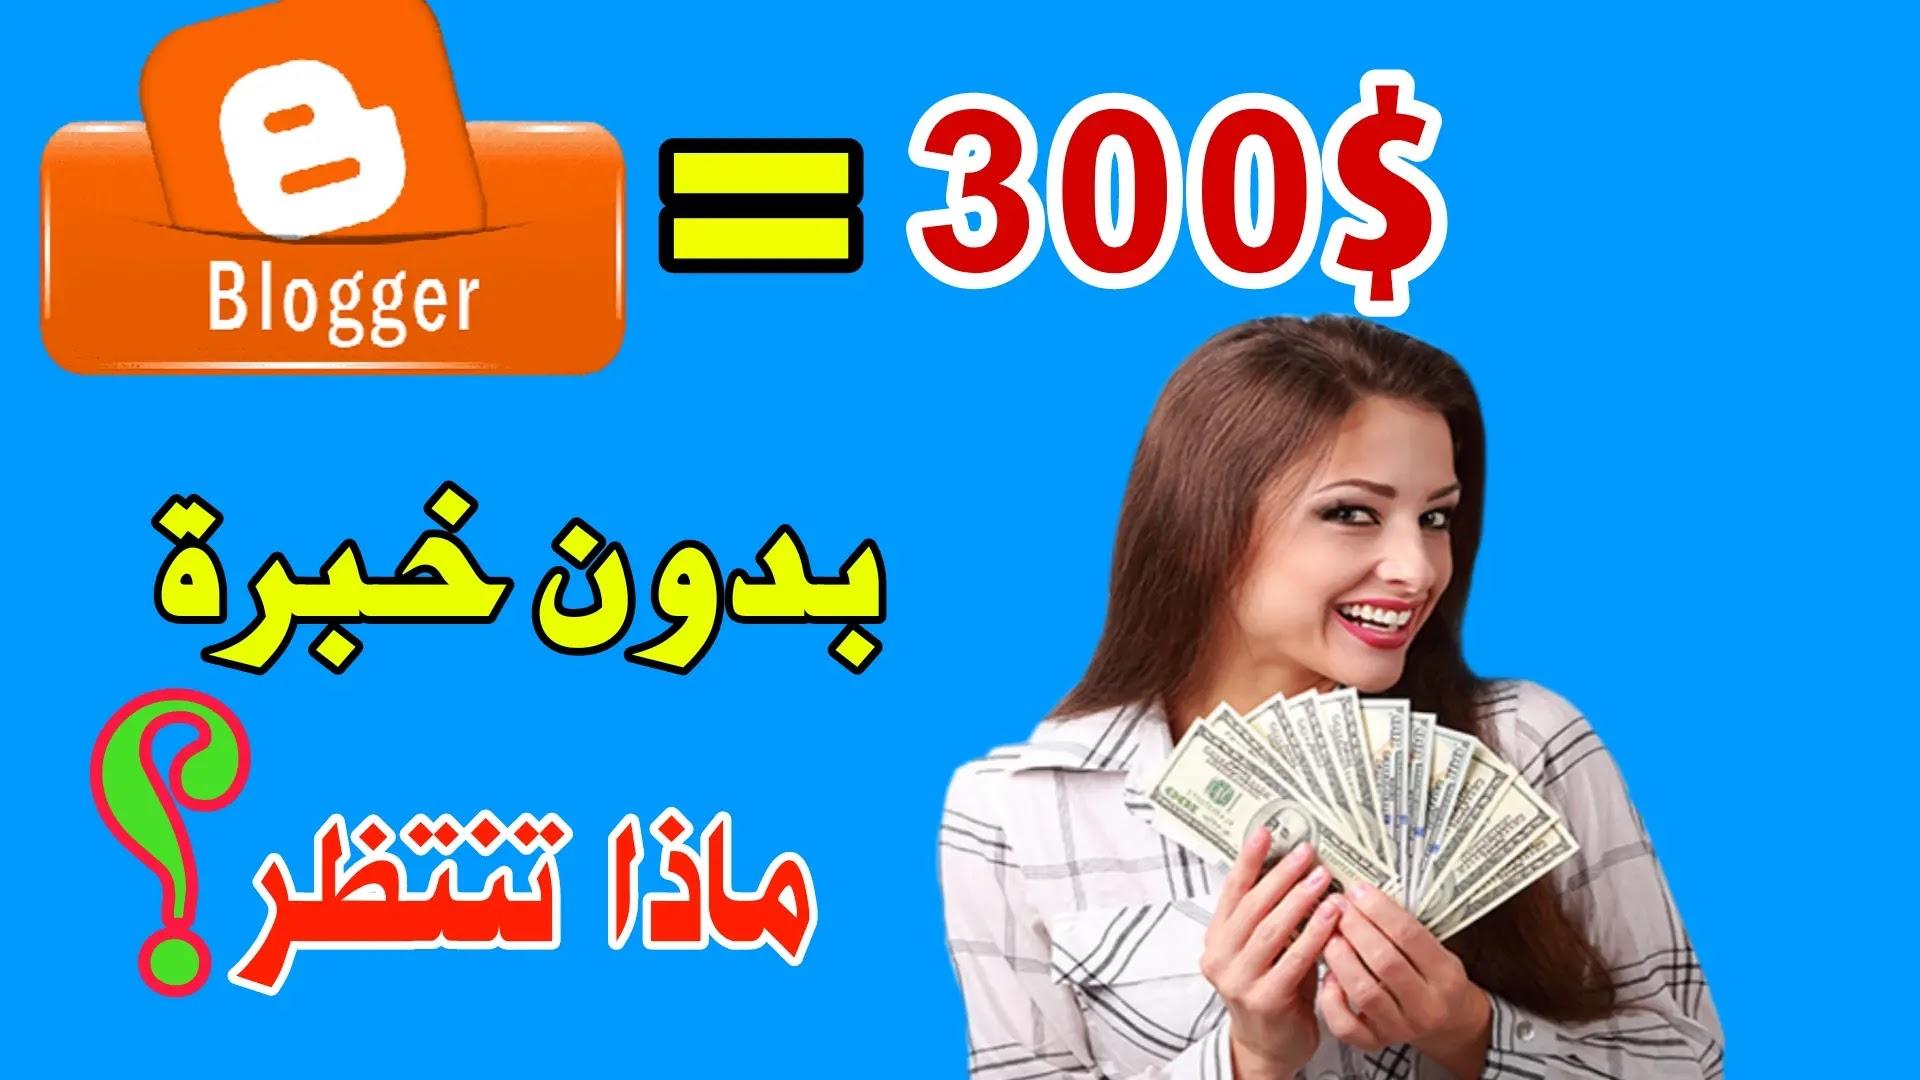 طريقة الربح من بلوجر 300 دولار شهريا بدون خبرة